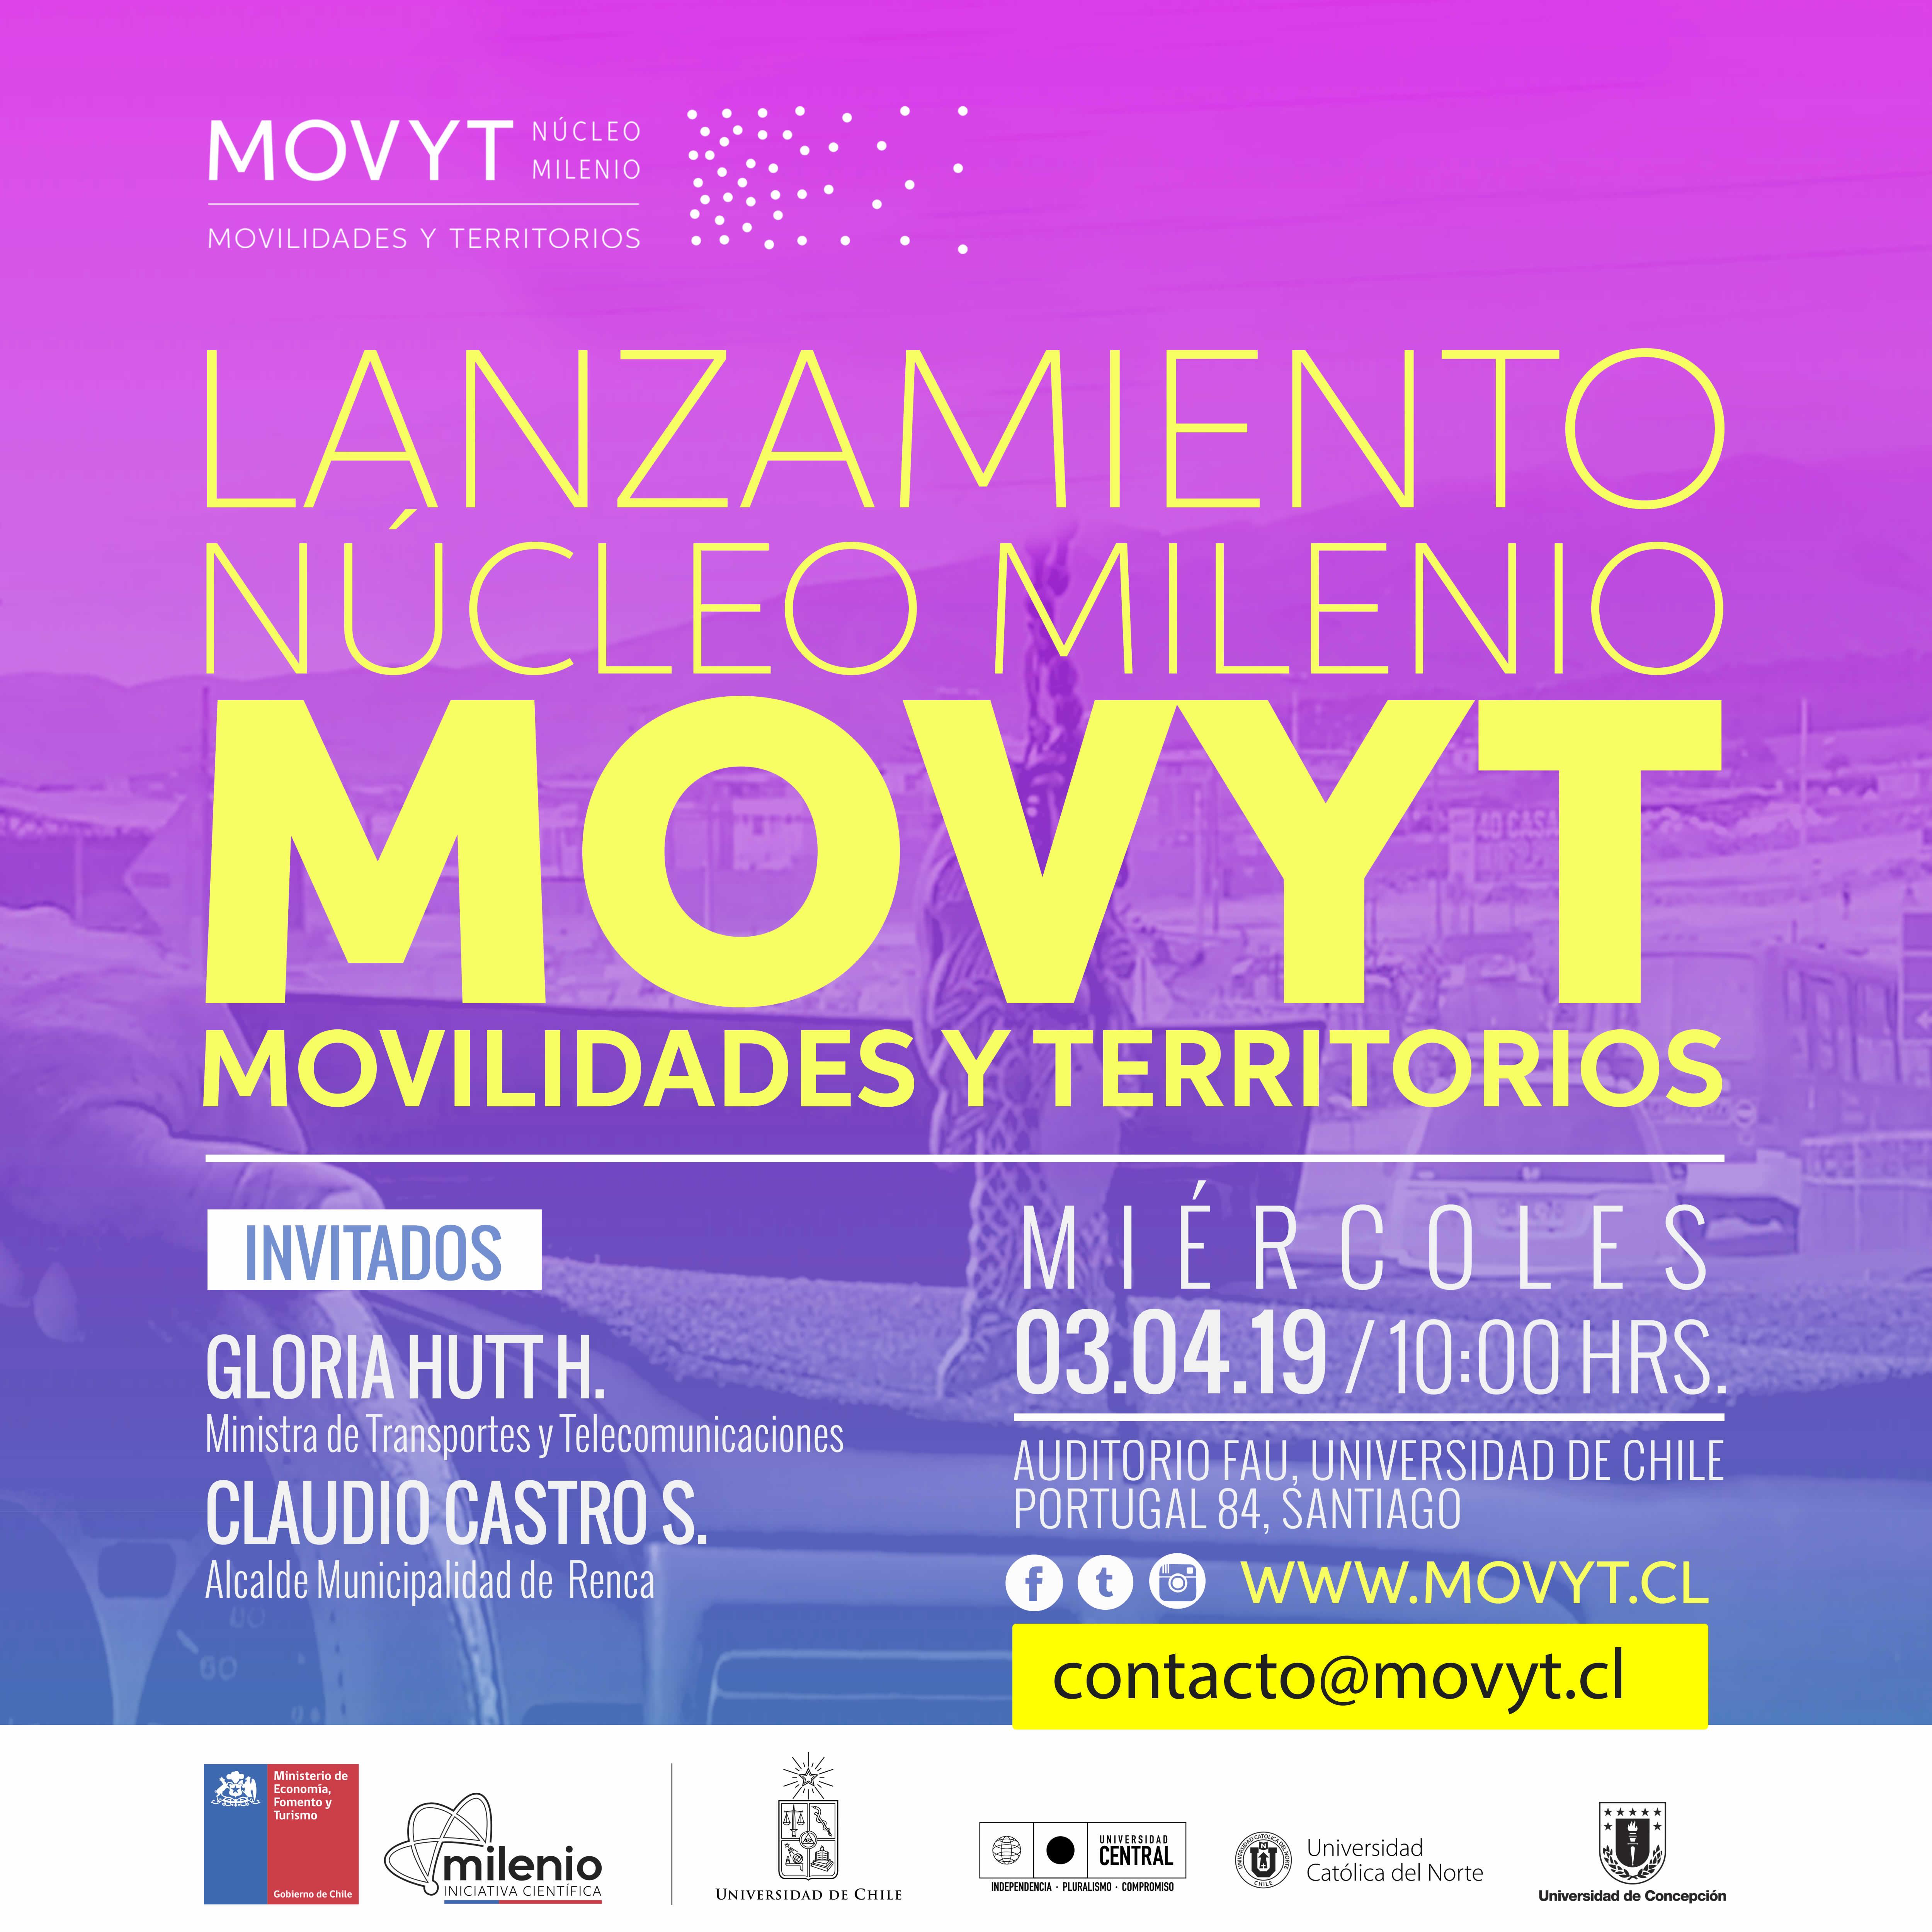 Lanzamiento MOVYT_2019 (1)